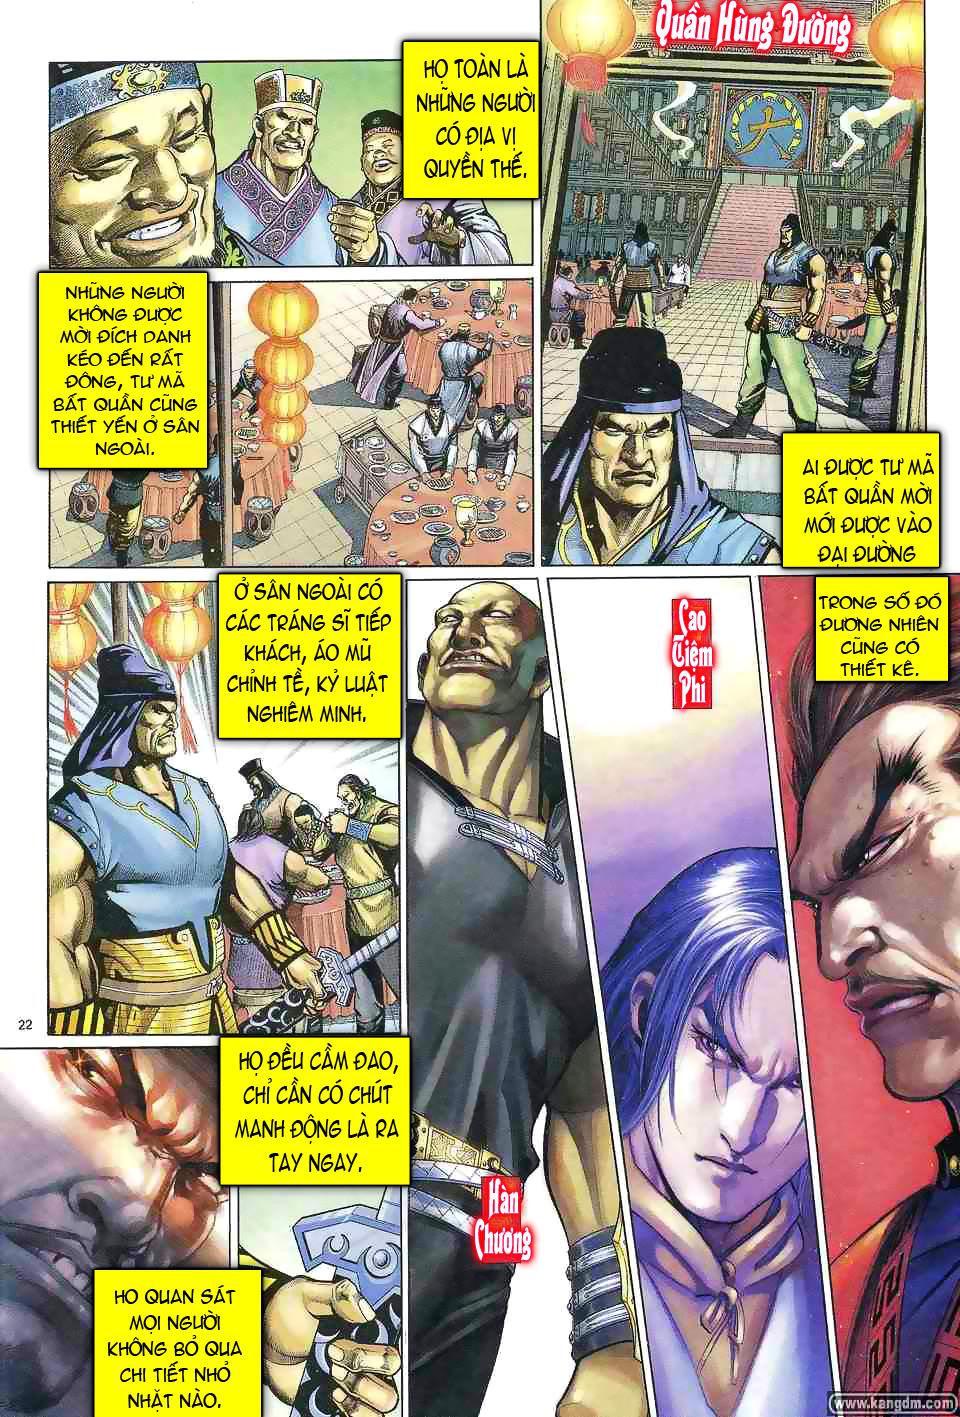 Anh hùng vô lệ chap 1 trang 21